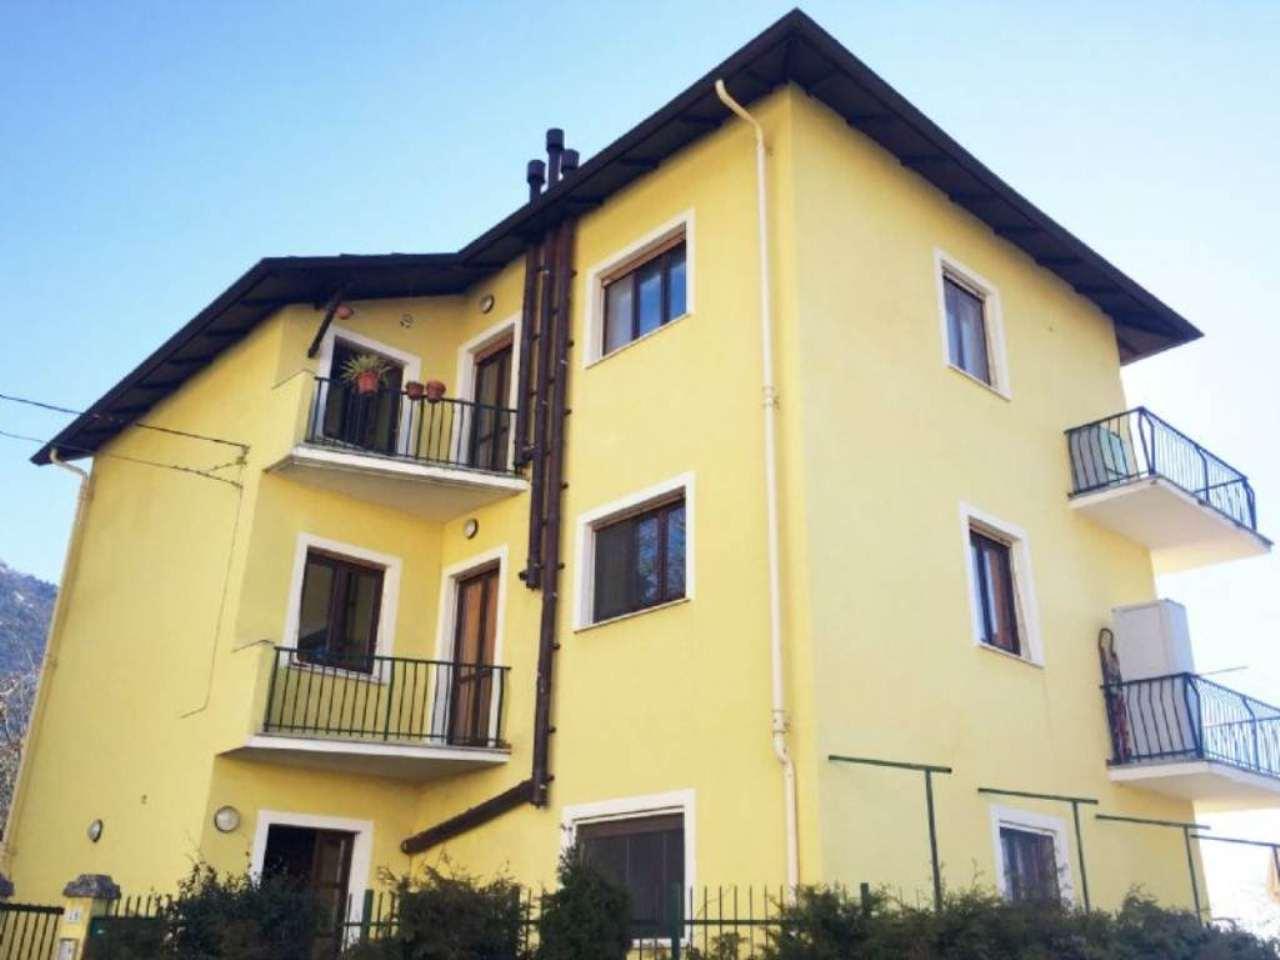 Appartamento in vendita a Rubiana, 3 locali, prezzo € 85.000 | Cambio Casa.it